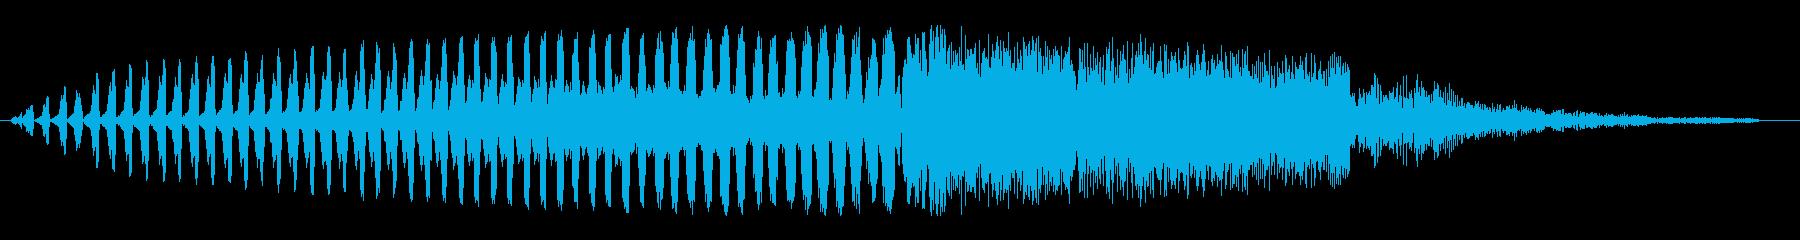 ヒュルルビヨーン(落下)の再生済みの波形